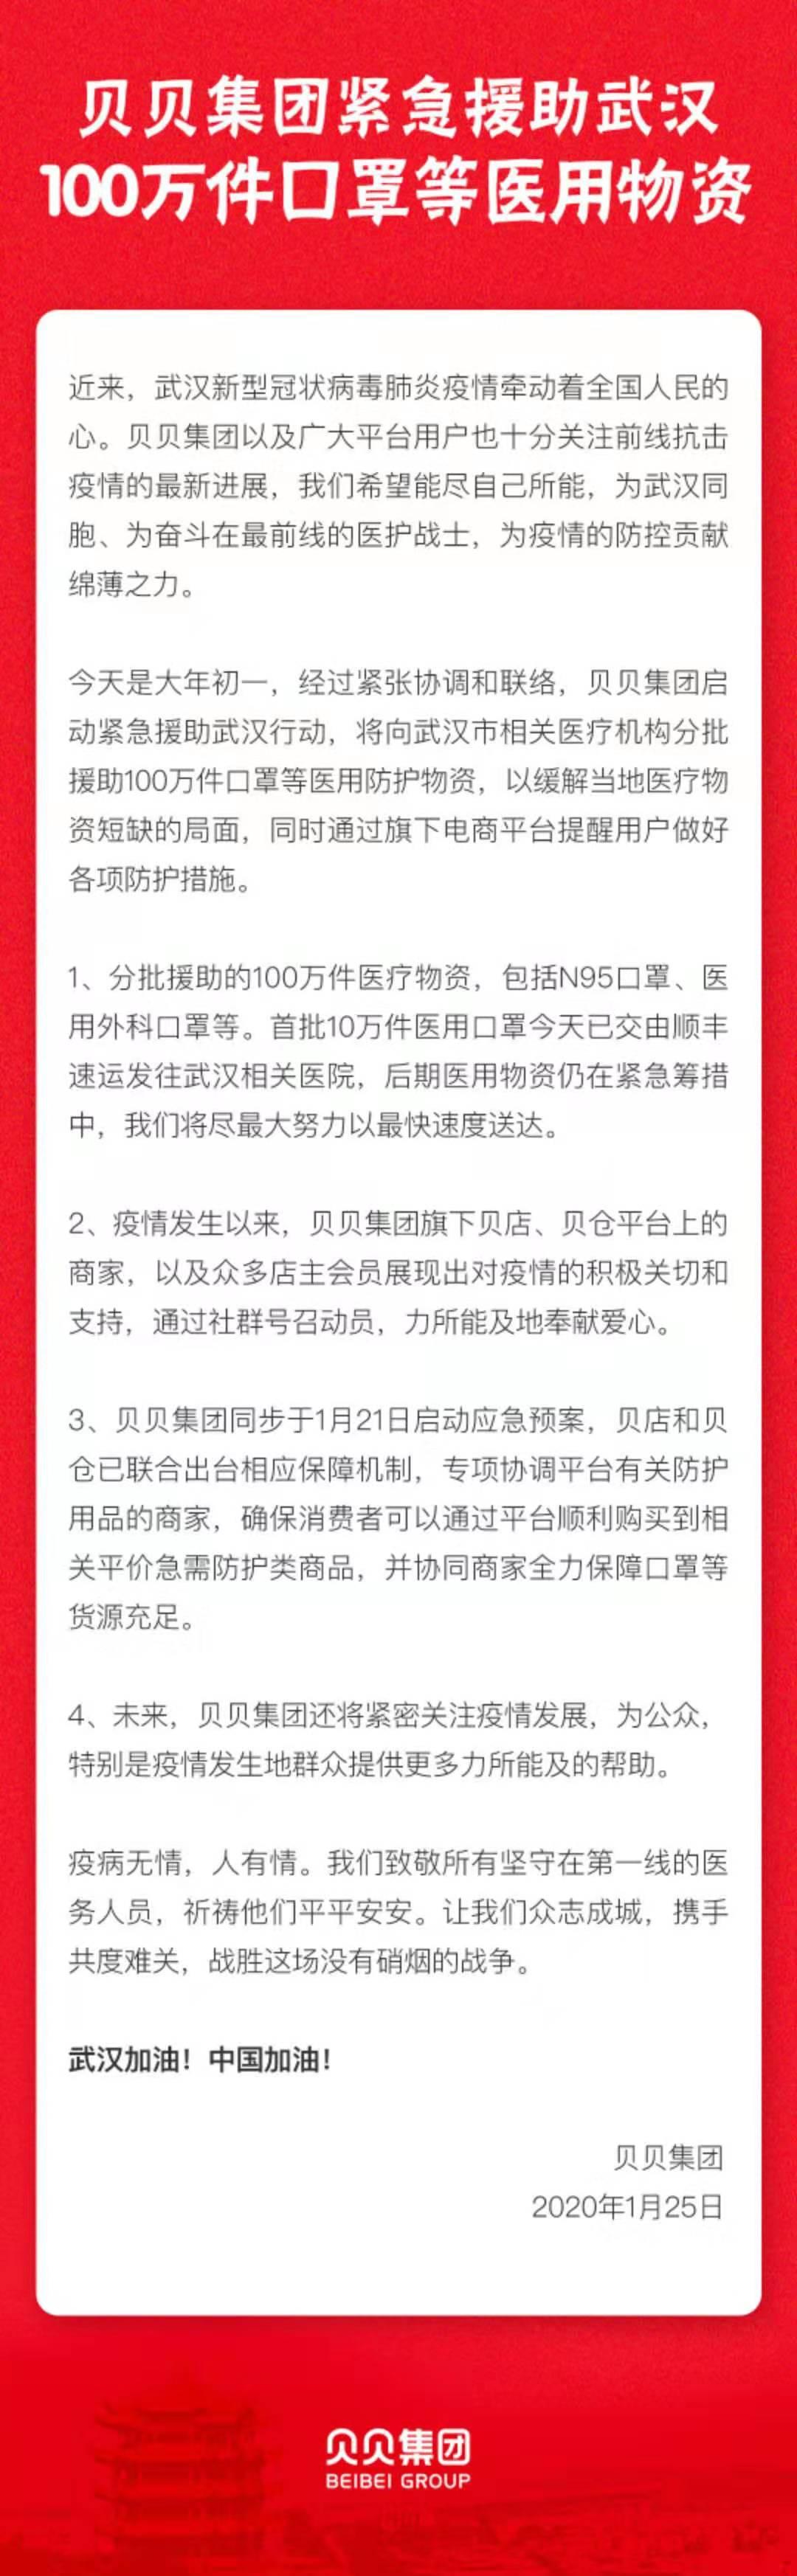 贝贝集团紧急援助武汉100万件口罩等医用物资